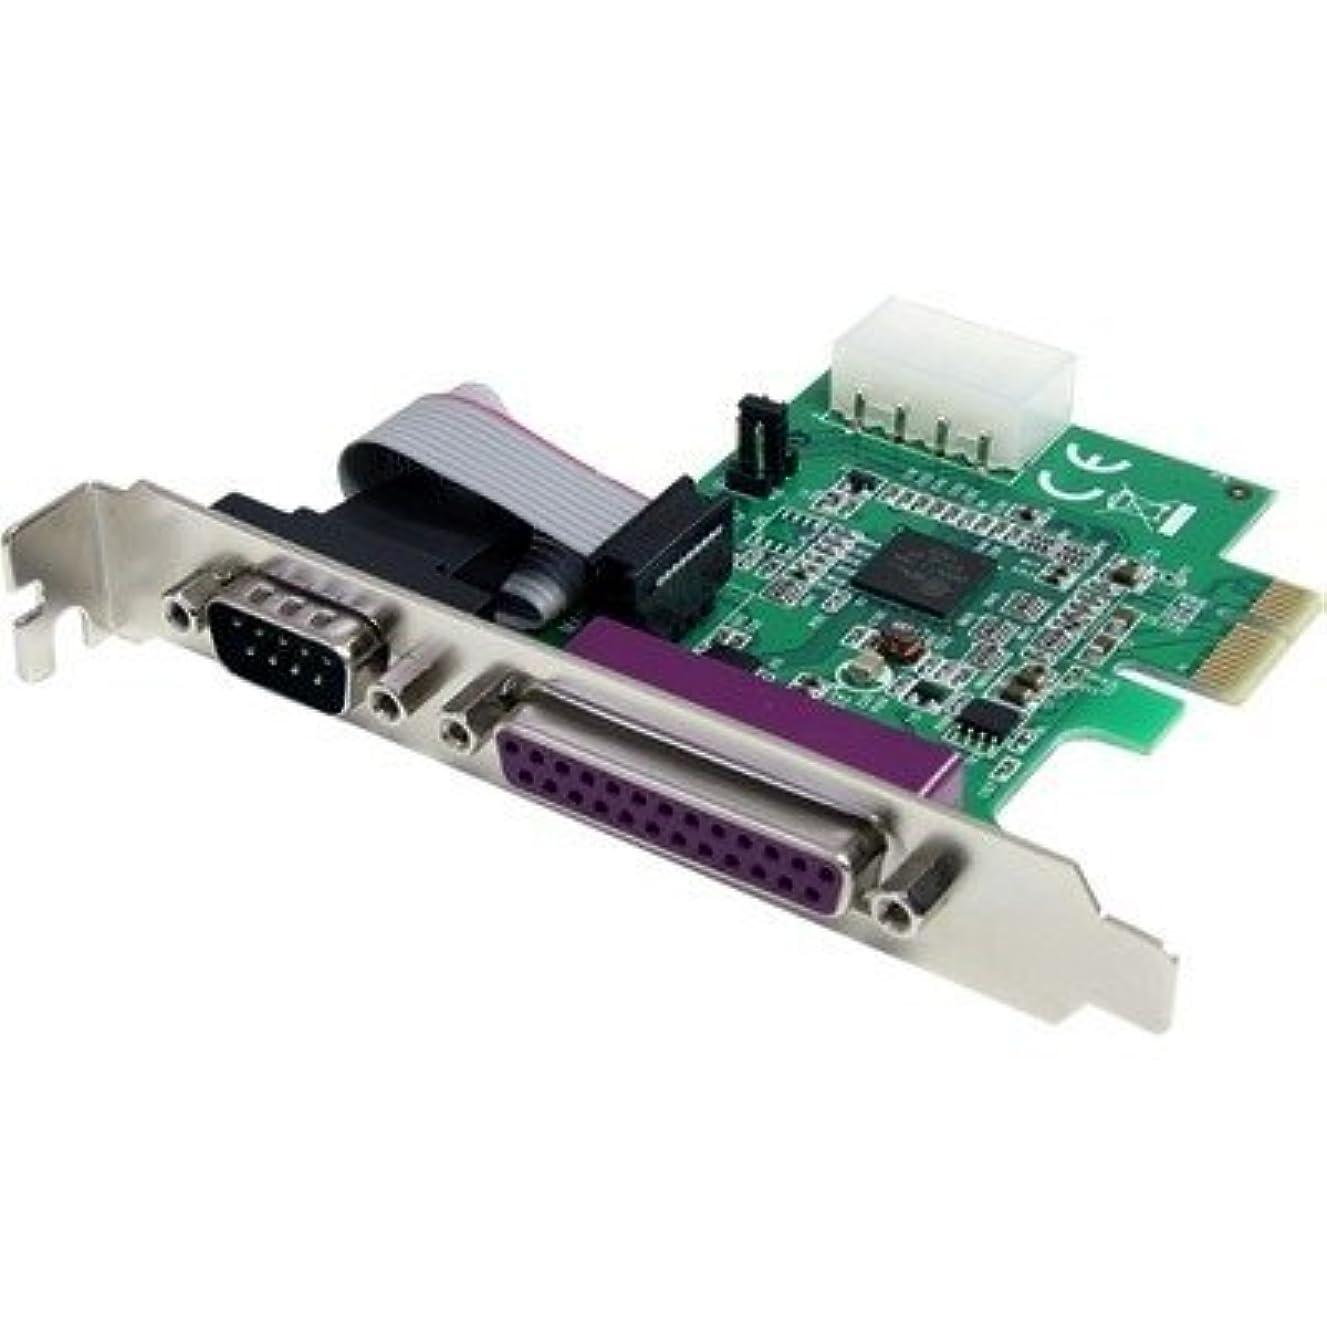 矛盾移民もう一度1s1p PCIe平行シリアルコンボカード